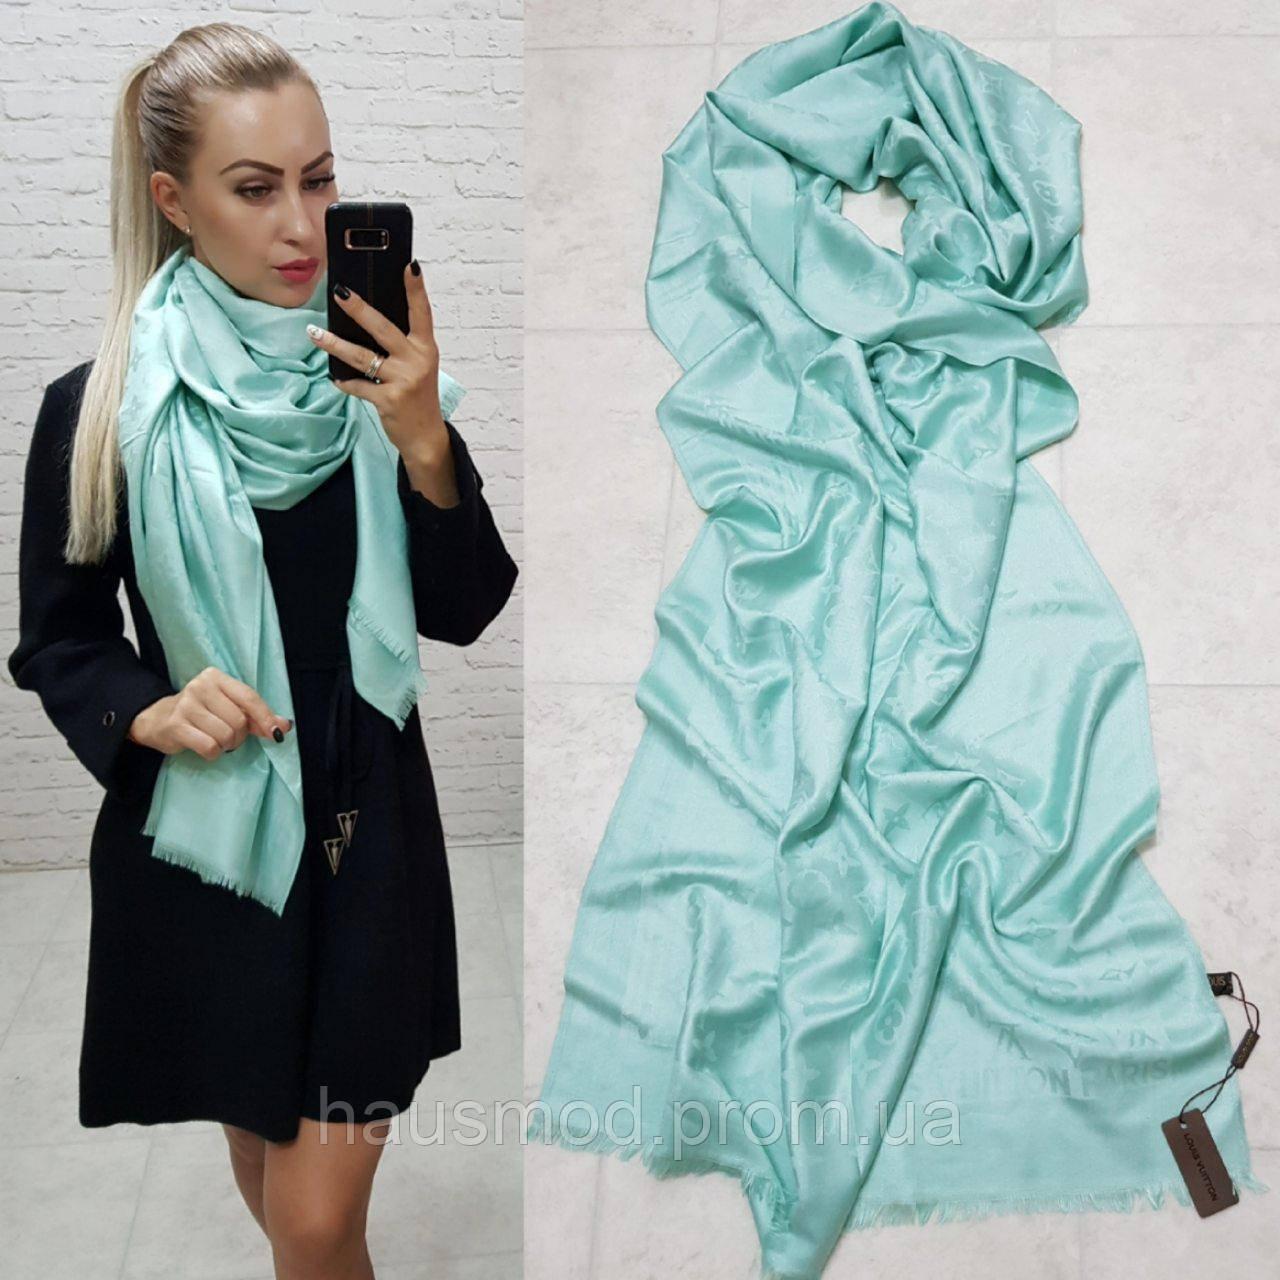 Женский палантин шарф брендовый репликаLouis Vuitton65% шелк 35% кашемир размер 190×0.70 см цвет ментол